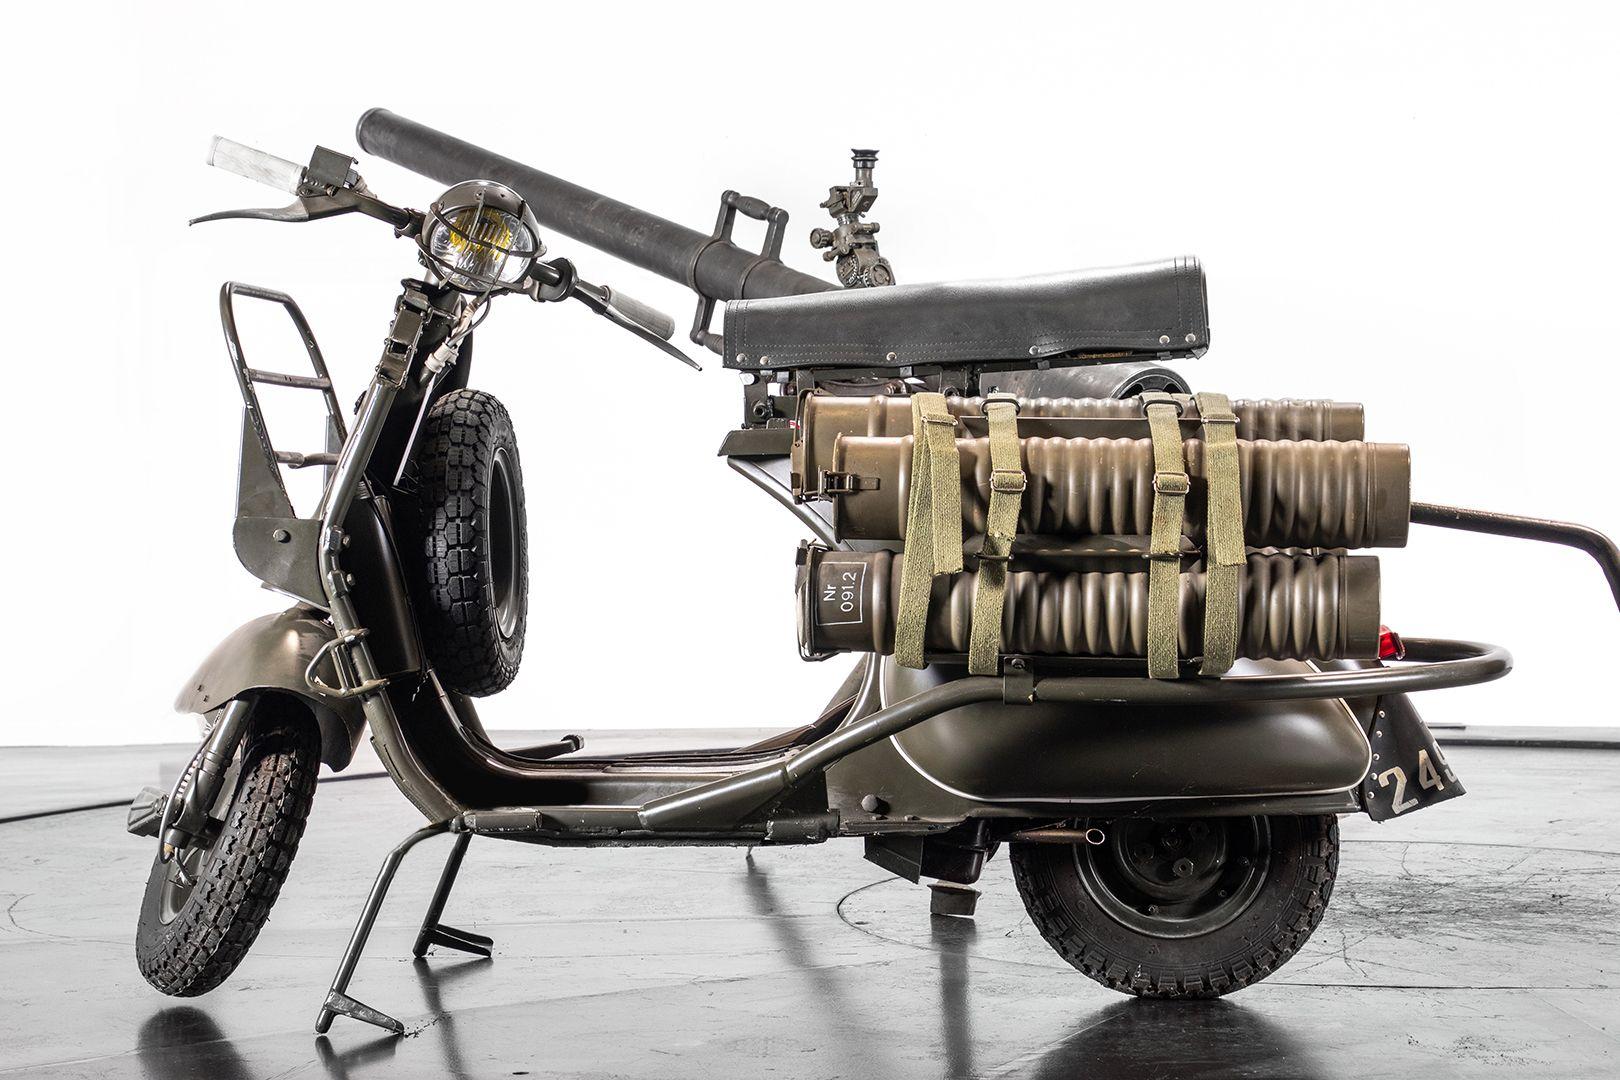 1956 Piaggio Vespa 150 TAP Militare 35399